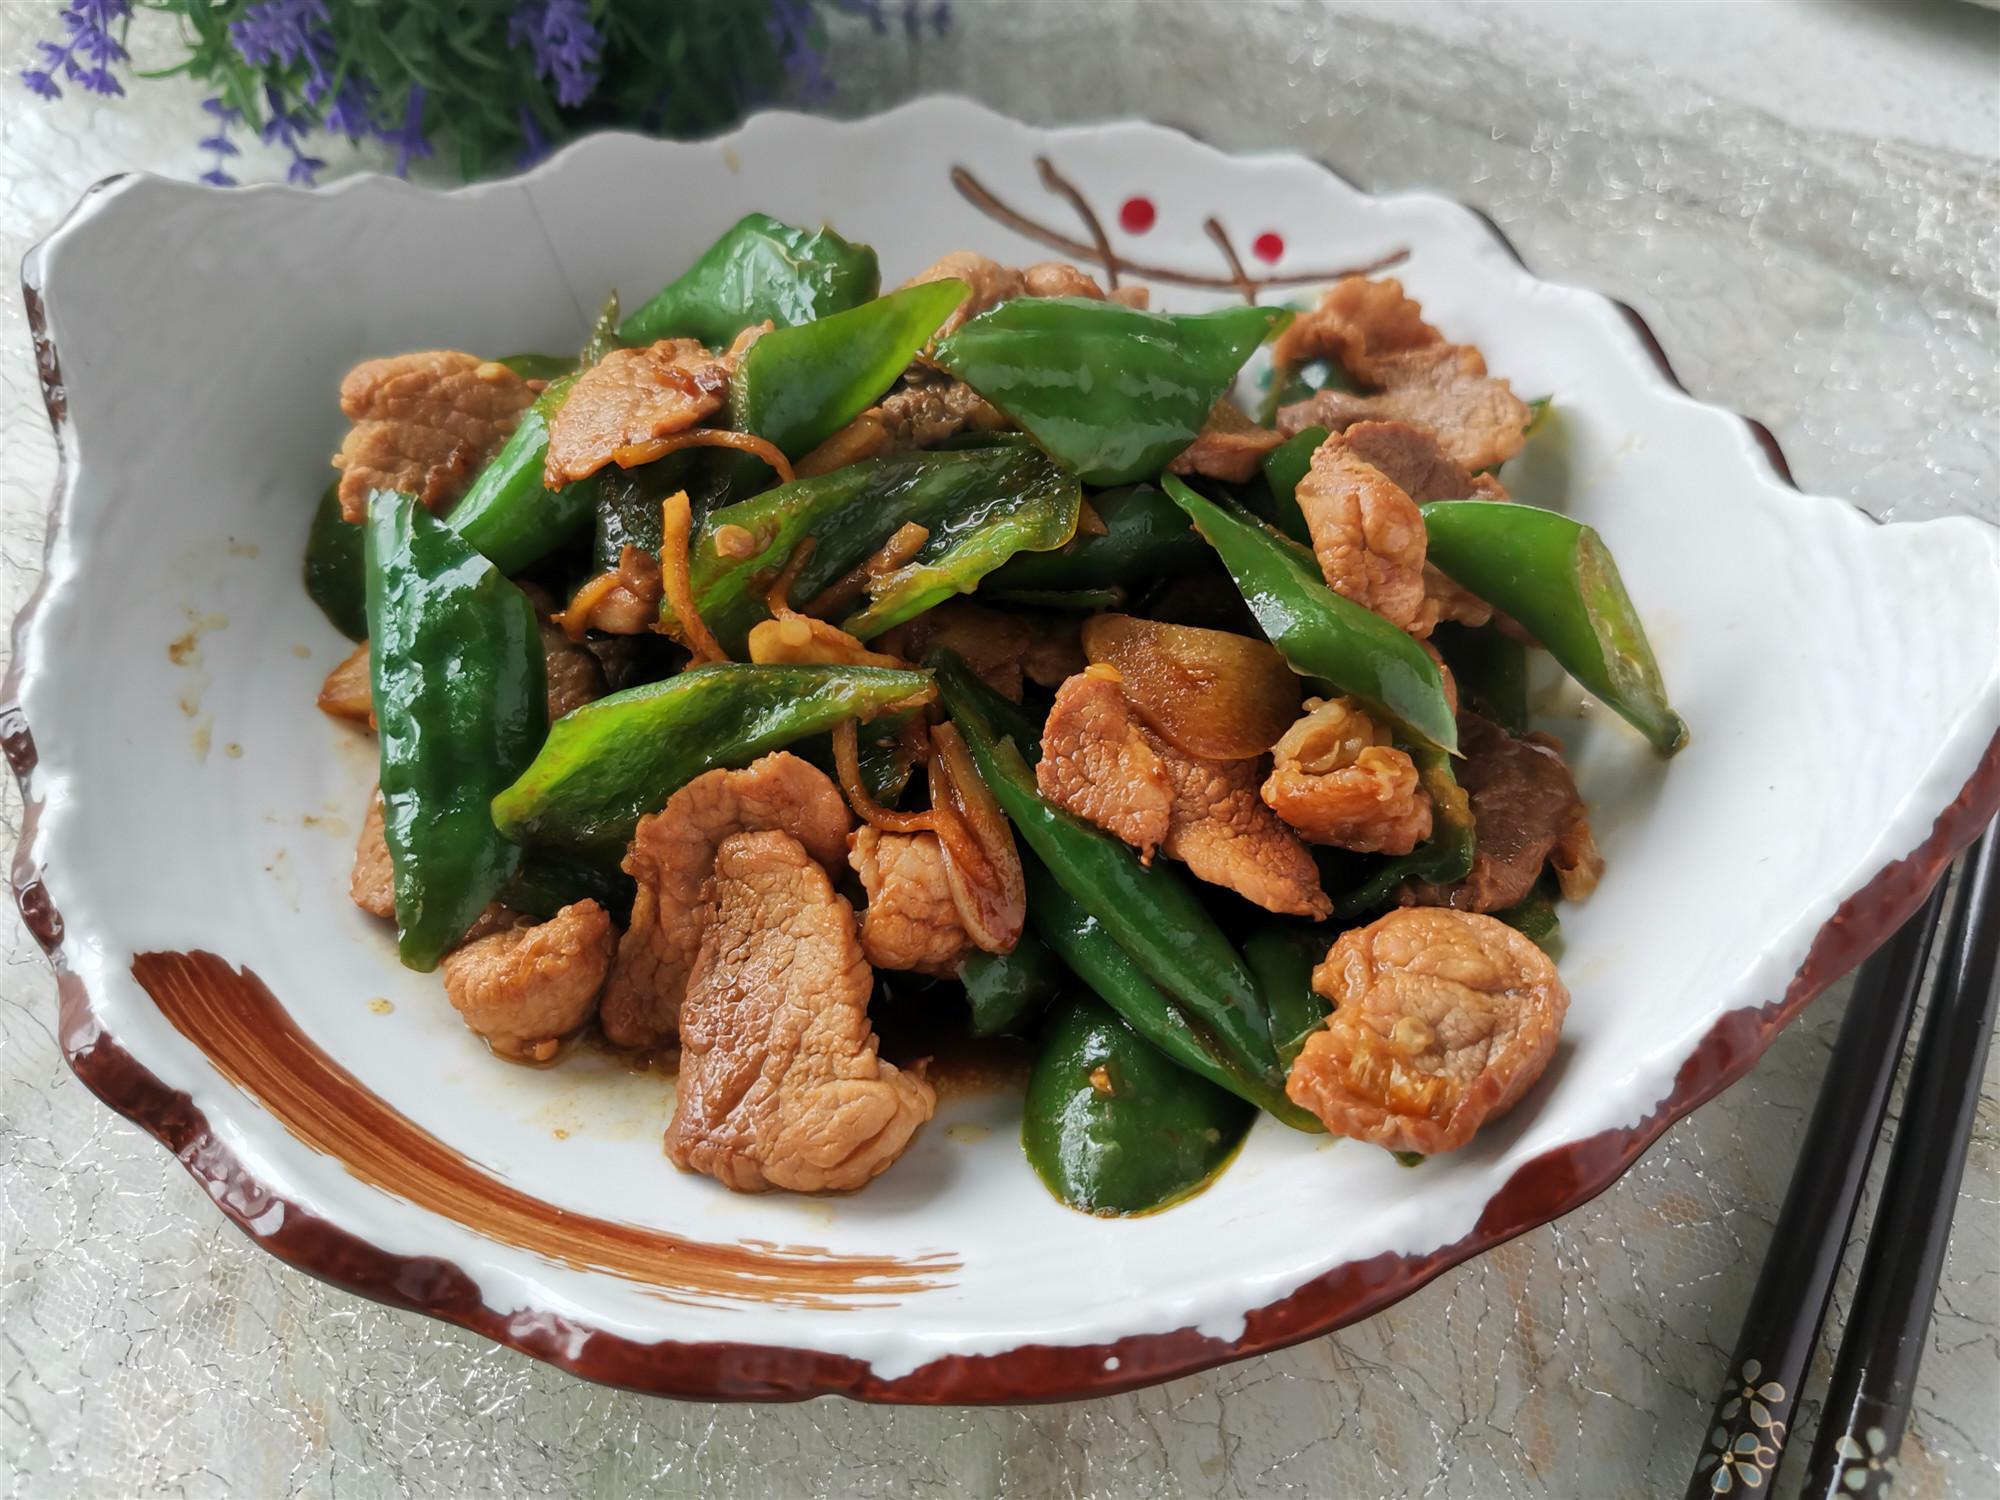 家常菜辣椒炒肉,教你小技巧,辣椒入味,肉片鲜嫩不柴,特别下饭_瘦肉